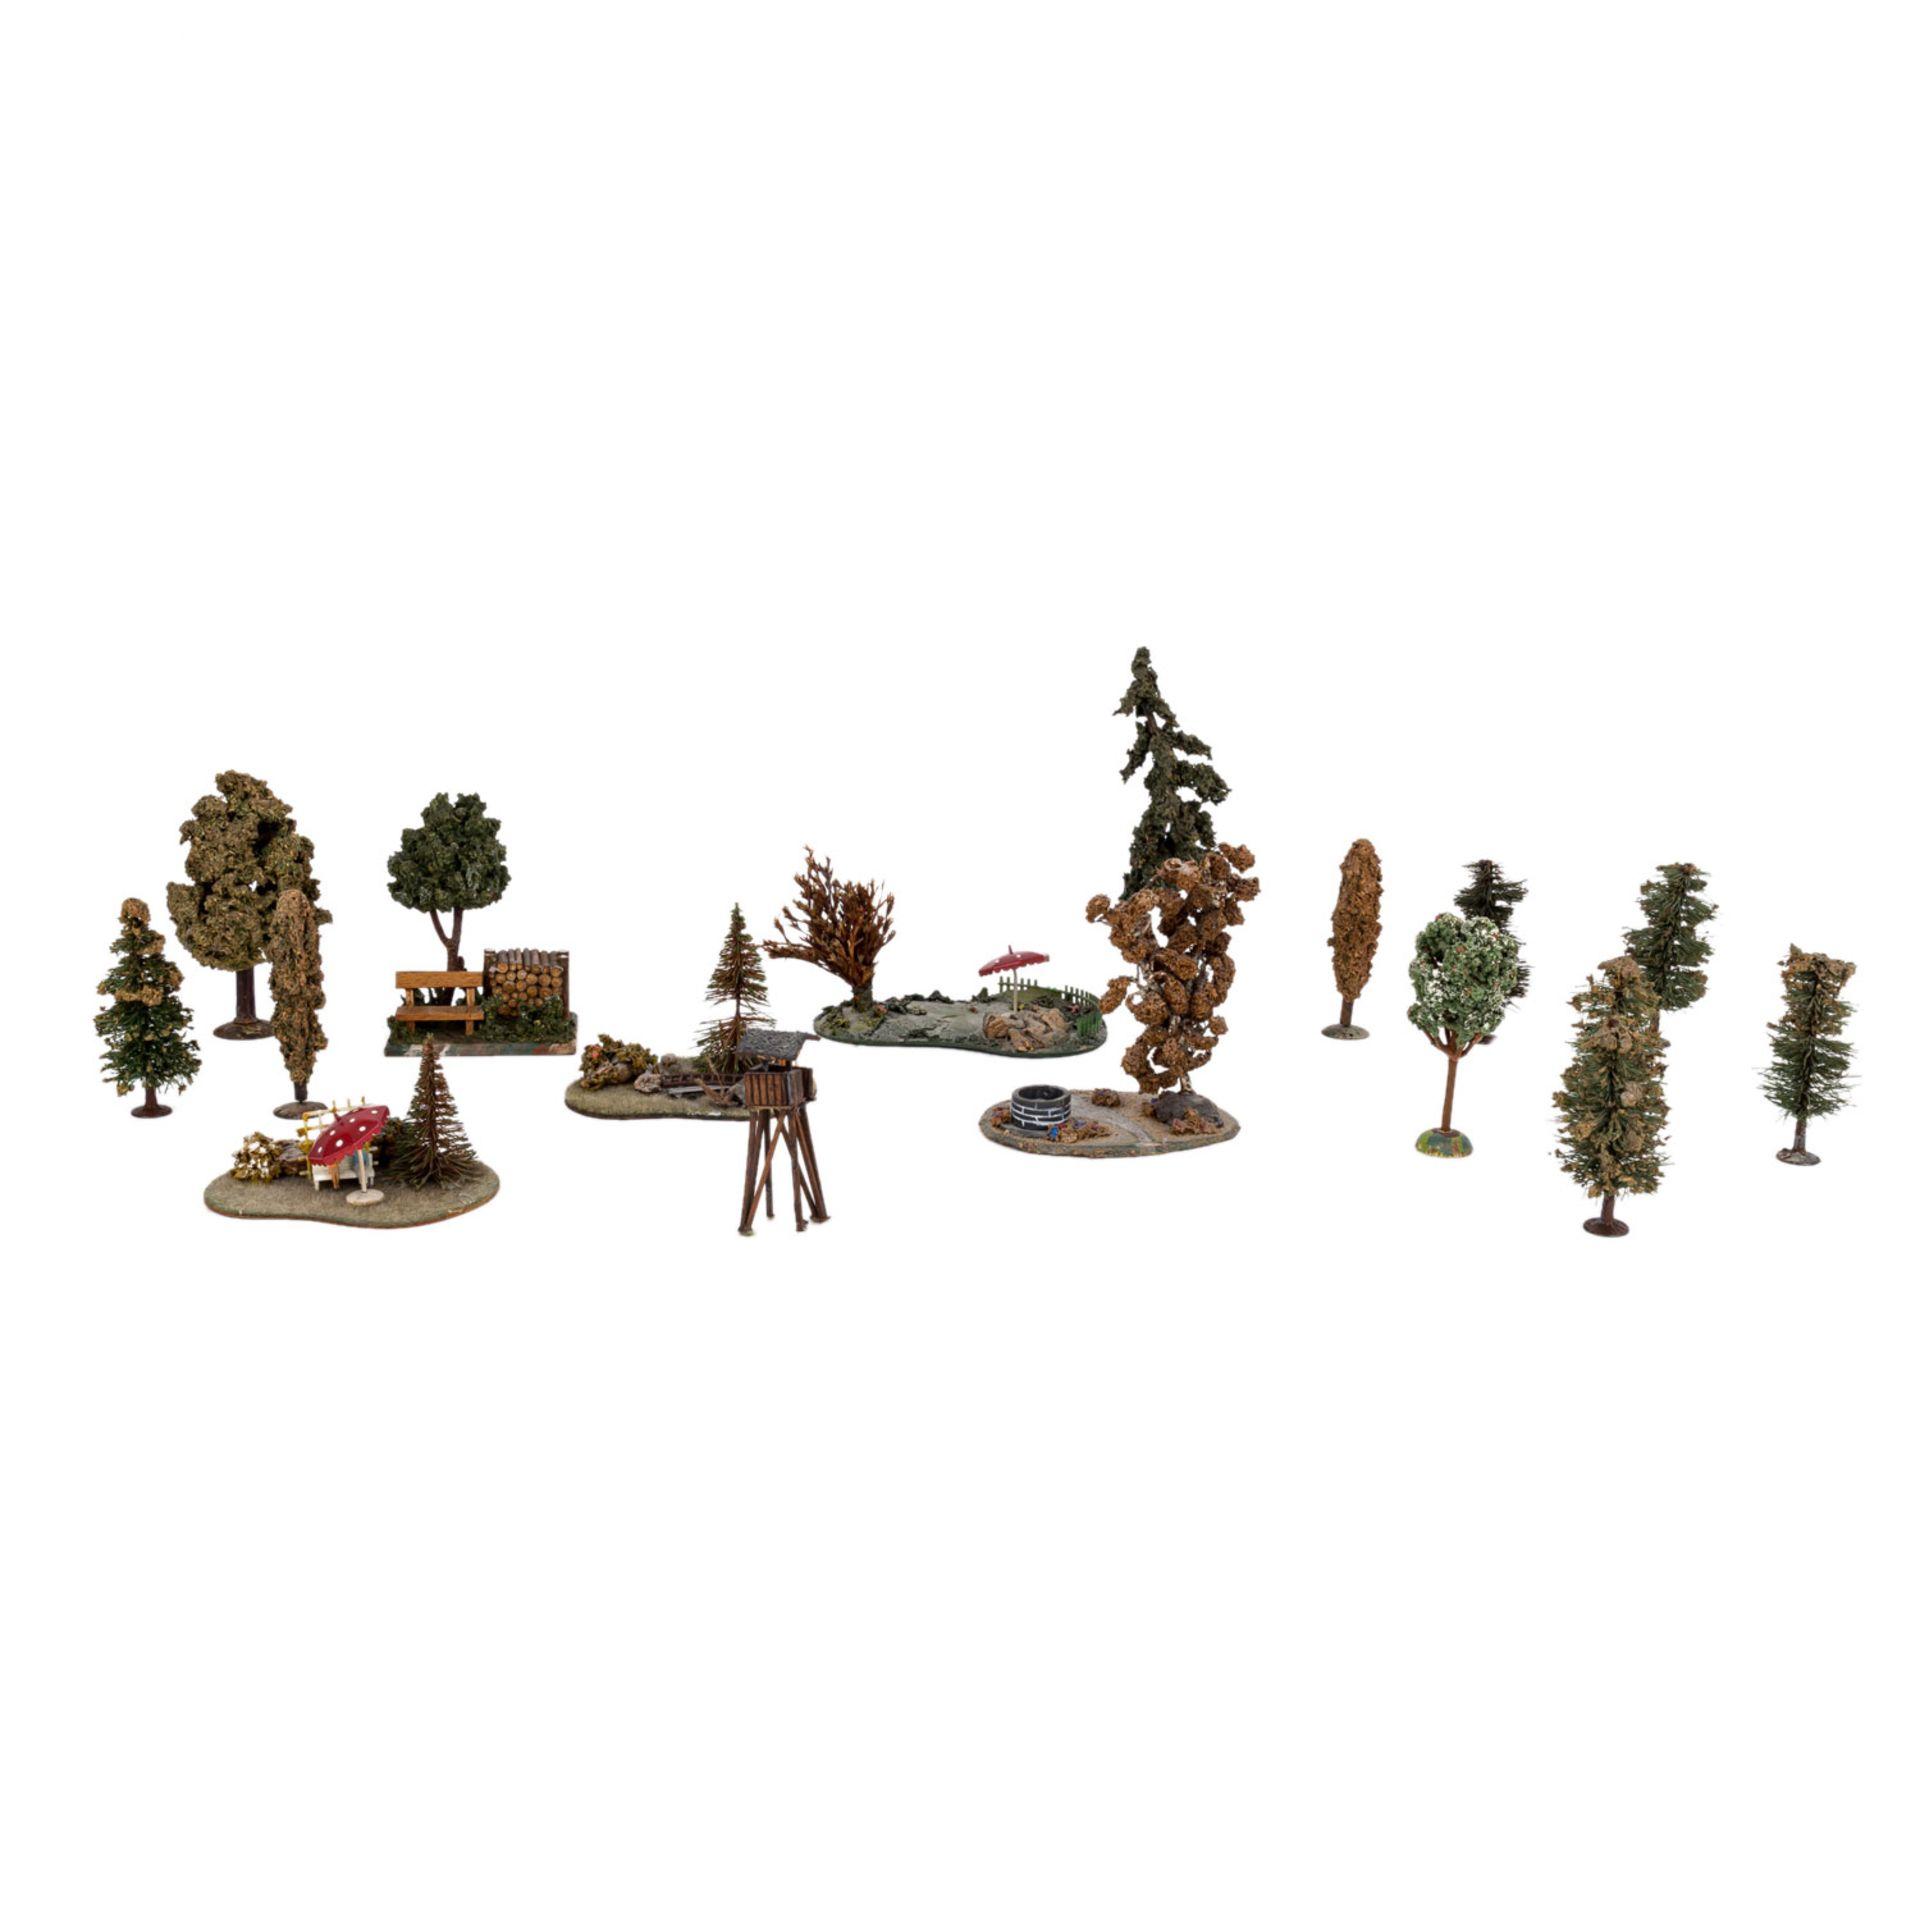 PREISER/MERTEN Miniatur-Dioramen und Figuren für die H0-Anlage,16 verschiedene Figure - Image 5 of 5